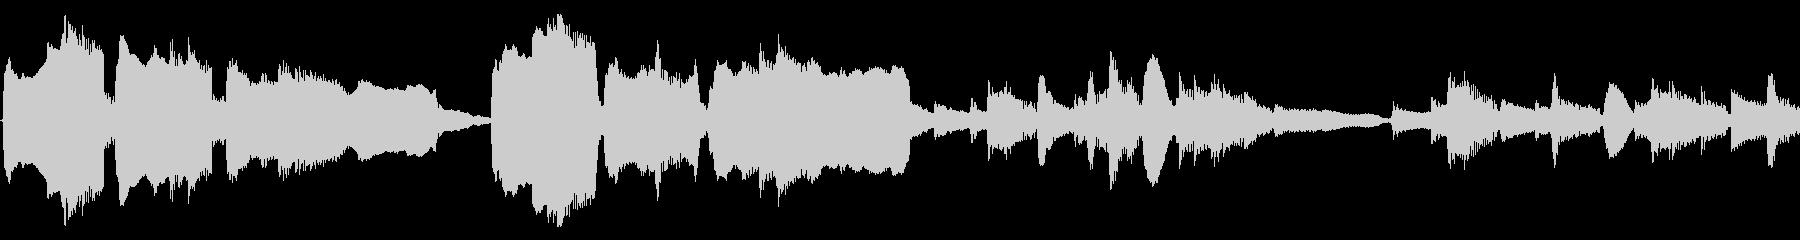 アコギとオカリナ生音ループ/ファンタジーの未再生の波形